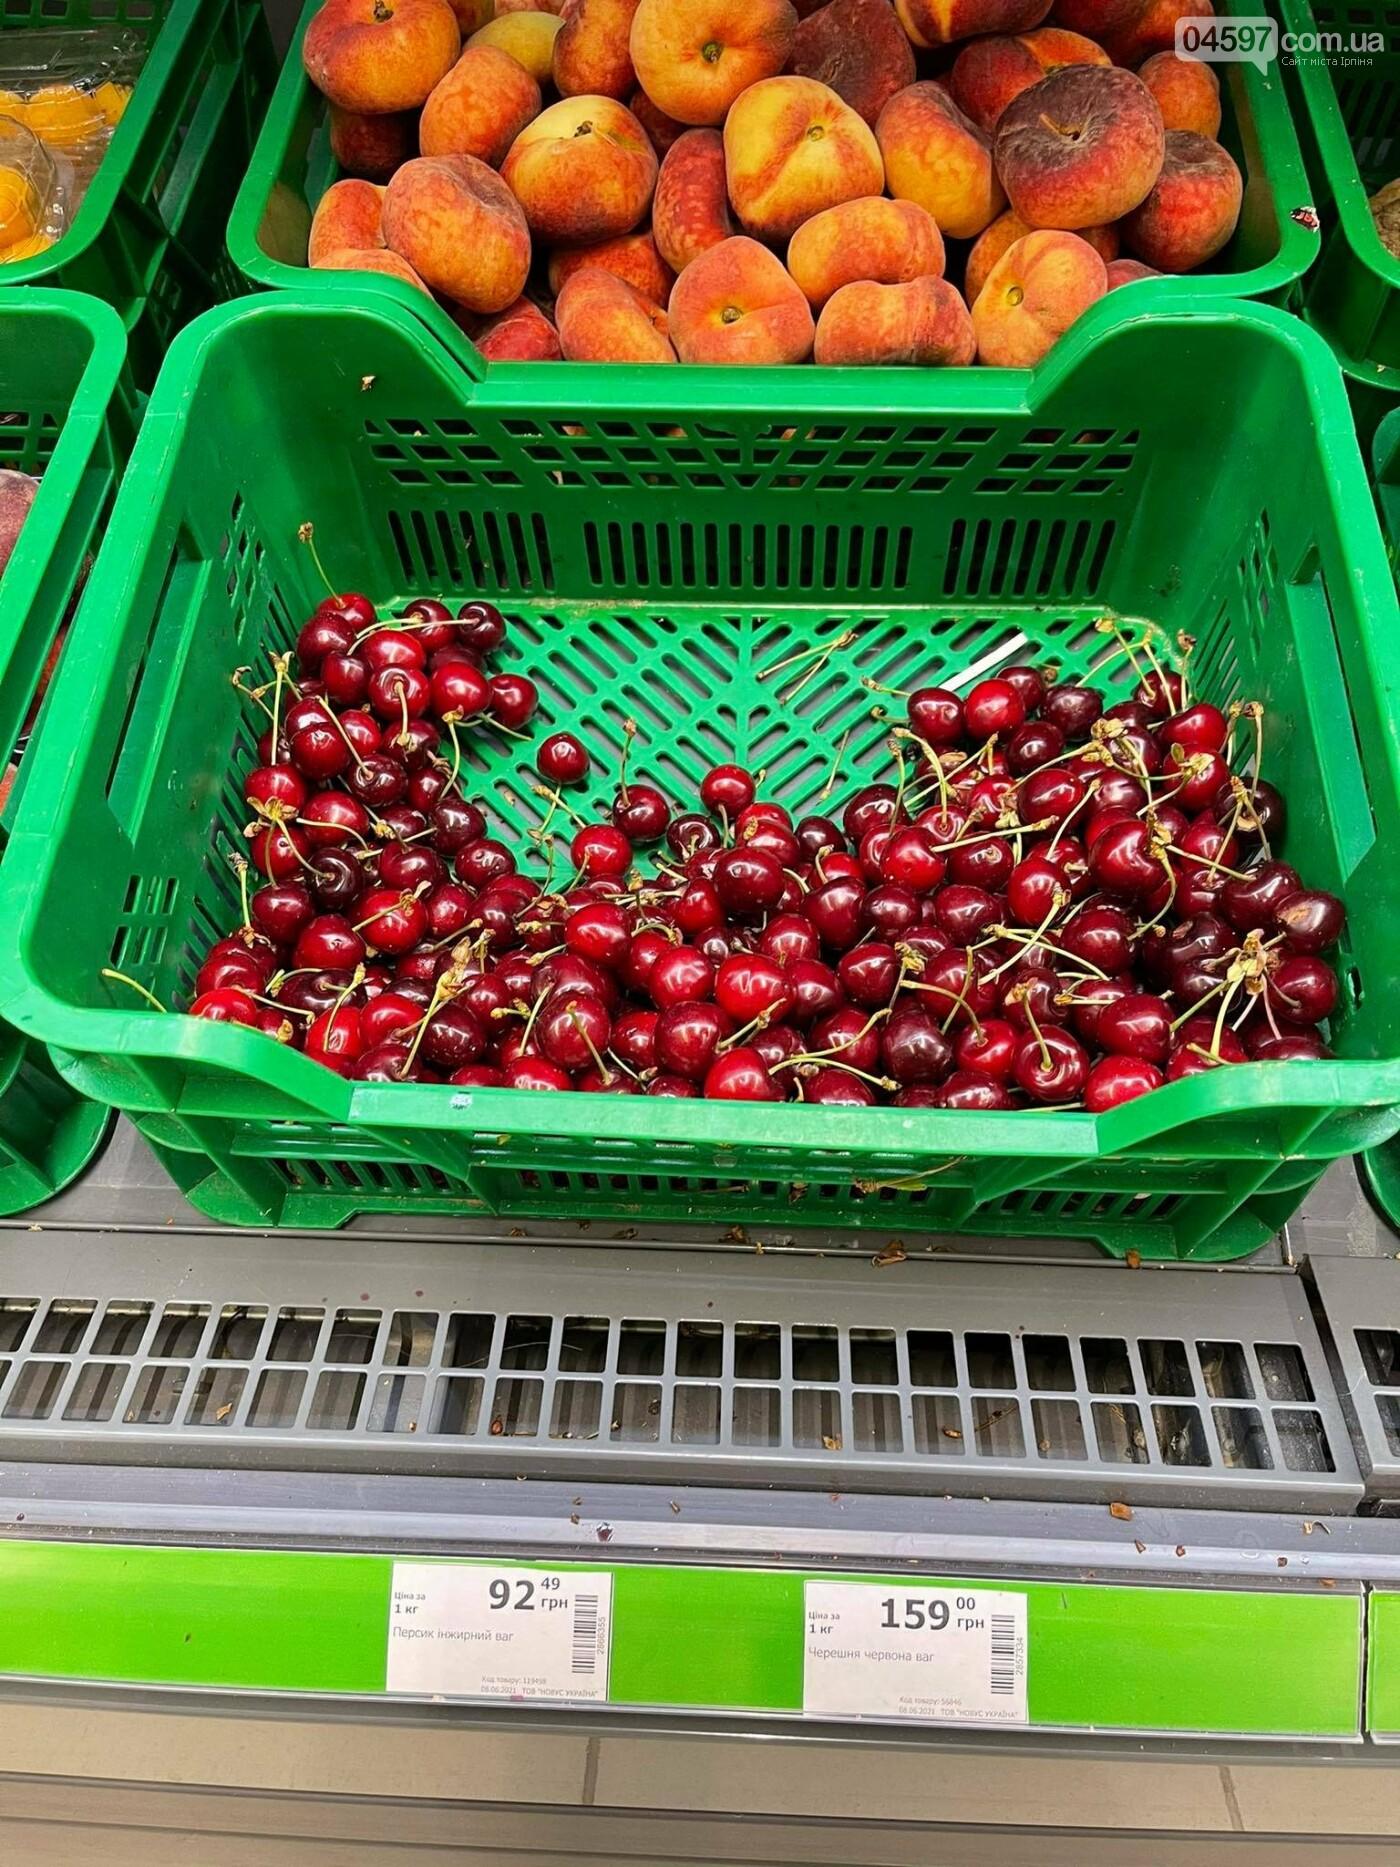 Ціни на полуницю та ерешню в супермаркетах Ірпеня